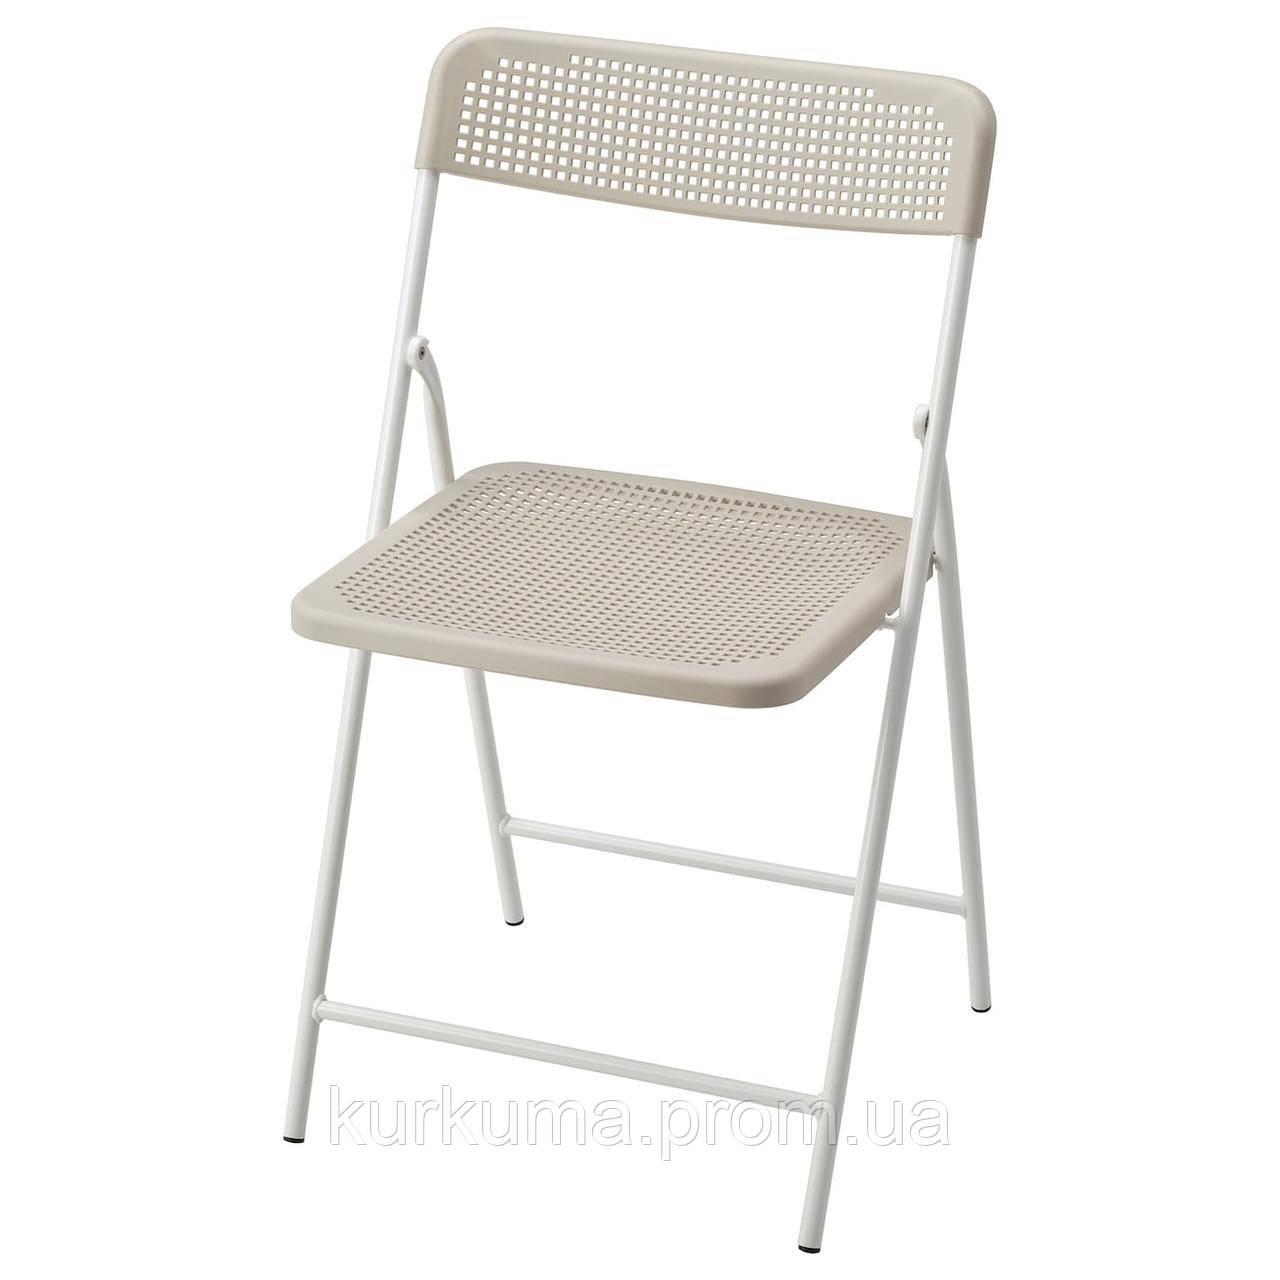 IKEA TORPARO Стул, складной белый, бежевый (204.246.30)